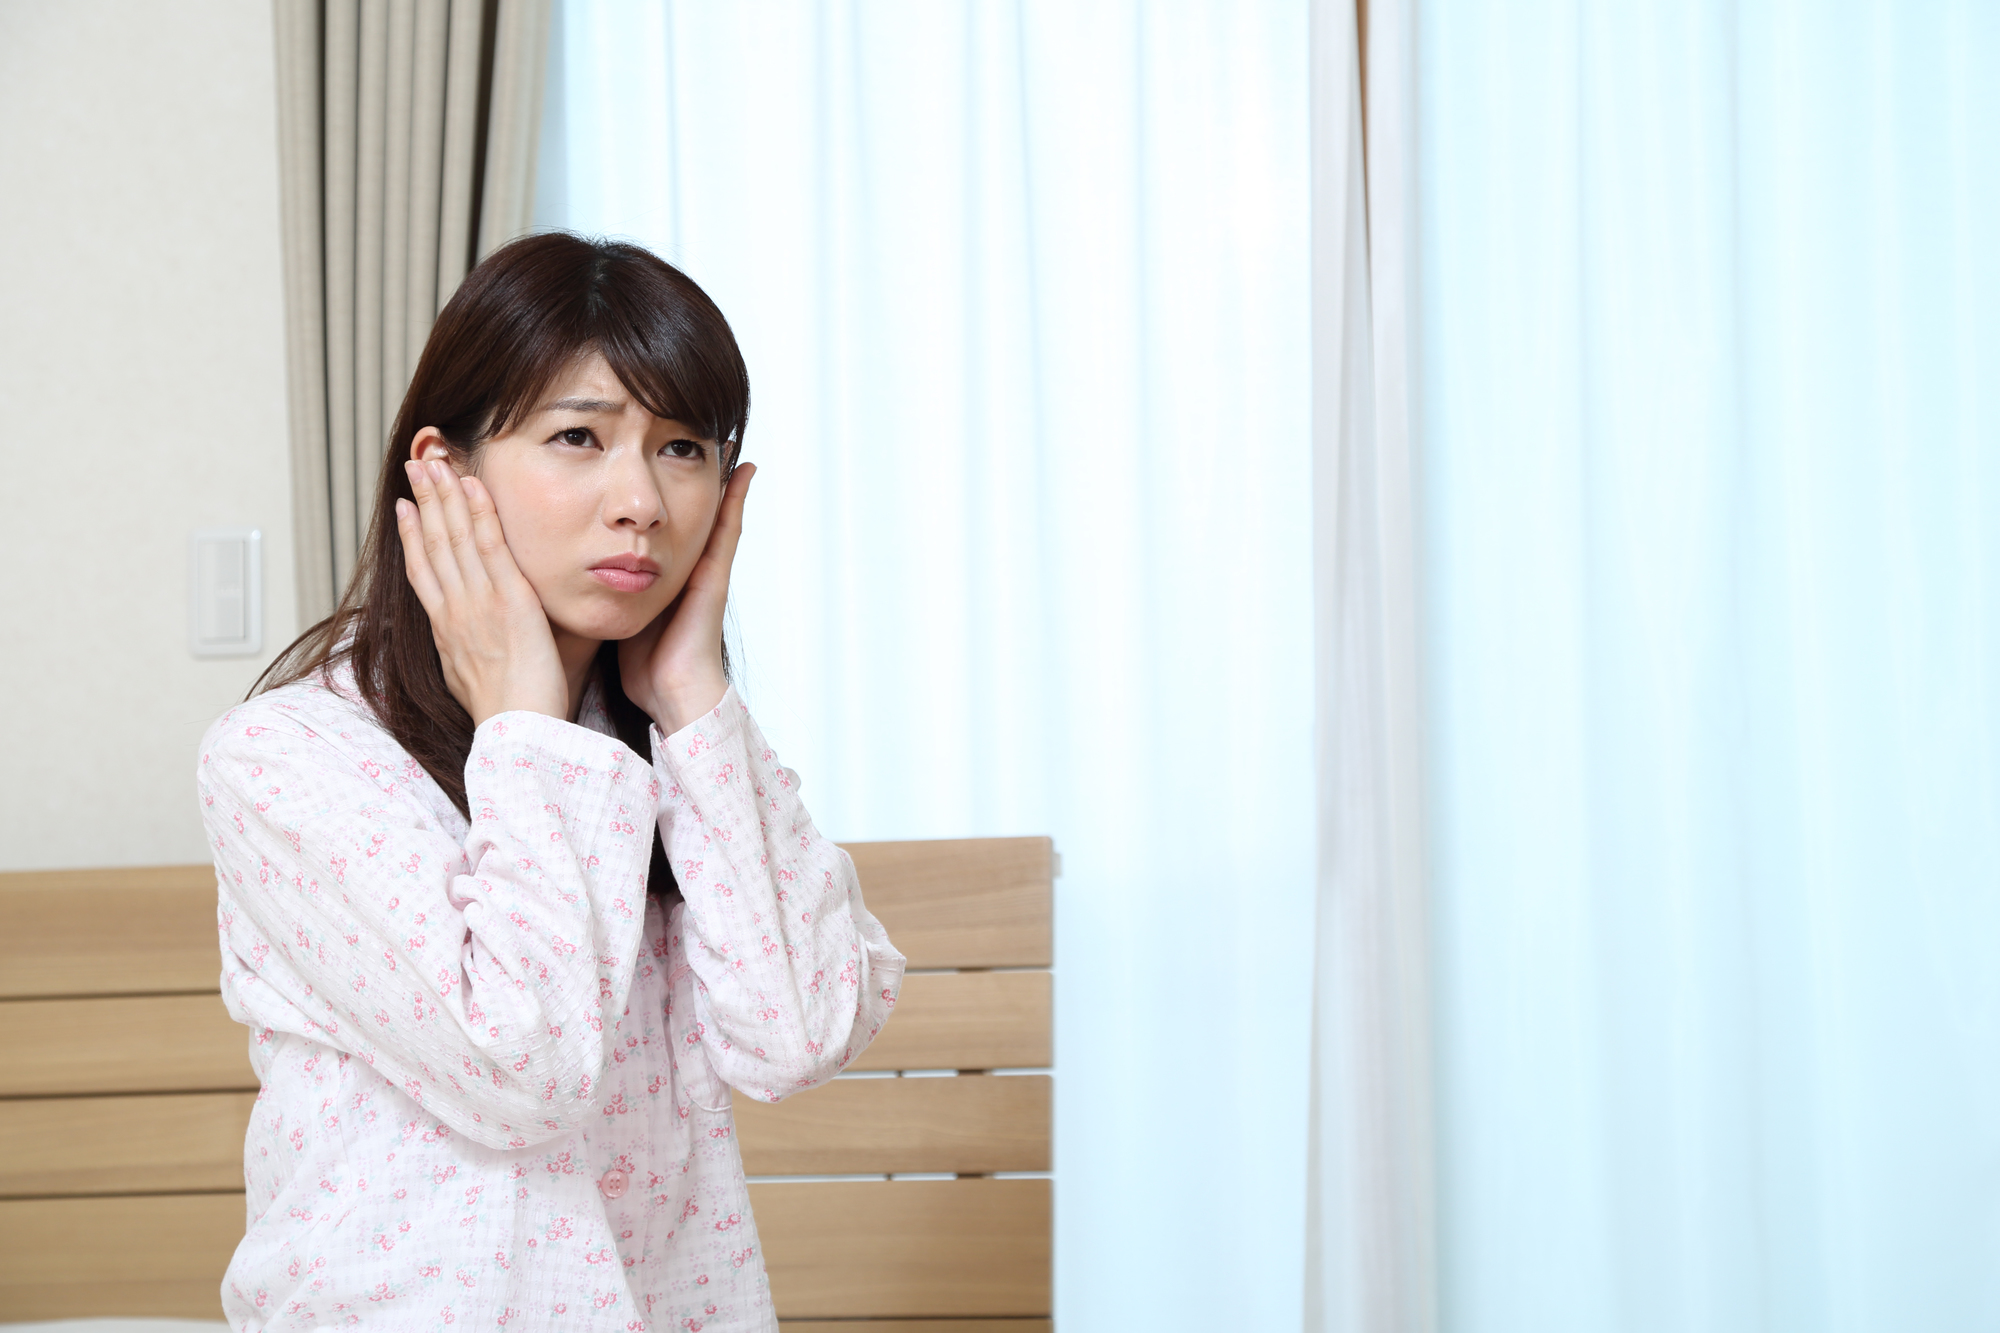 外耳炎が慢性化するとどんな症状が出るの?